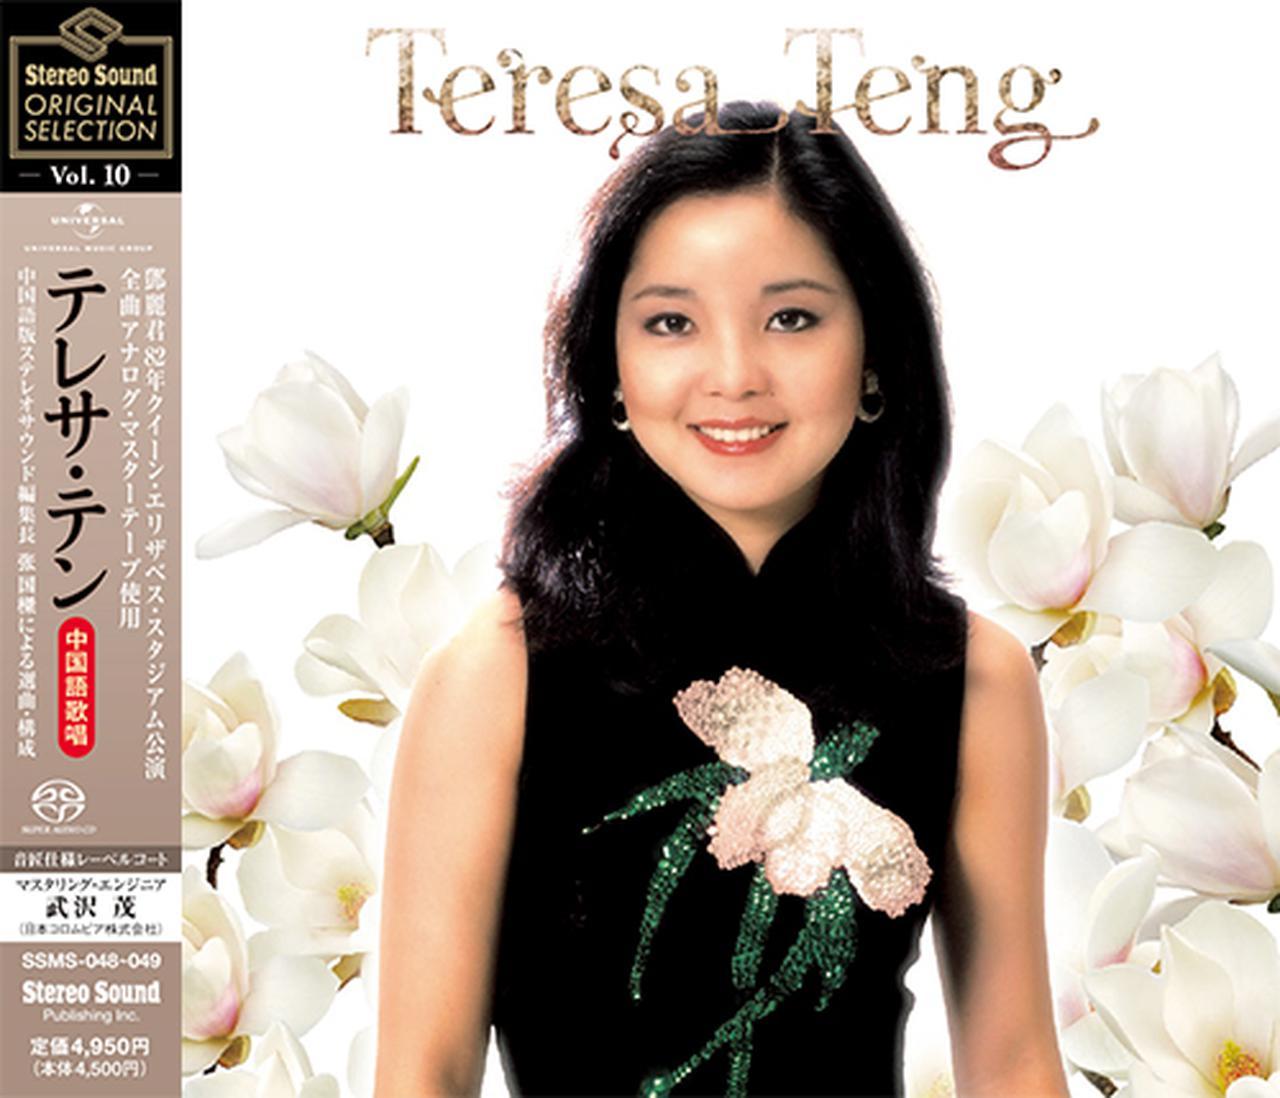 画像: Stereo Sound ORIGINAL SELECTION Vol.10 「テレサ・テン≪全曲中国語歌唱≫」 (Single Layer SACD+CD・2枚組) https://www.stereosound-store.jp/fs/ssstore/rs_sacd/3393